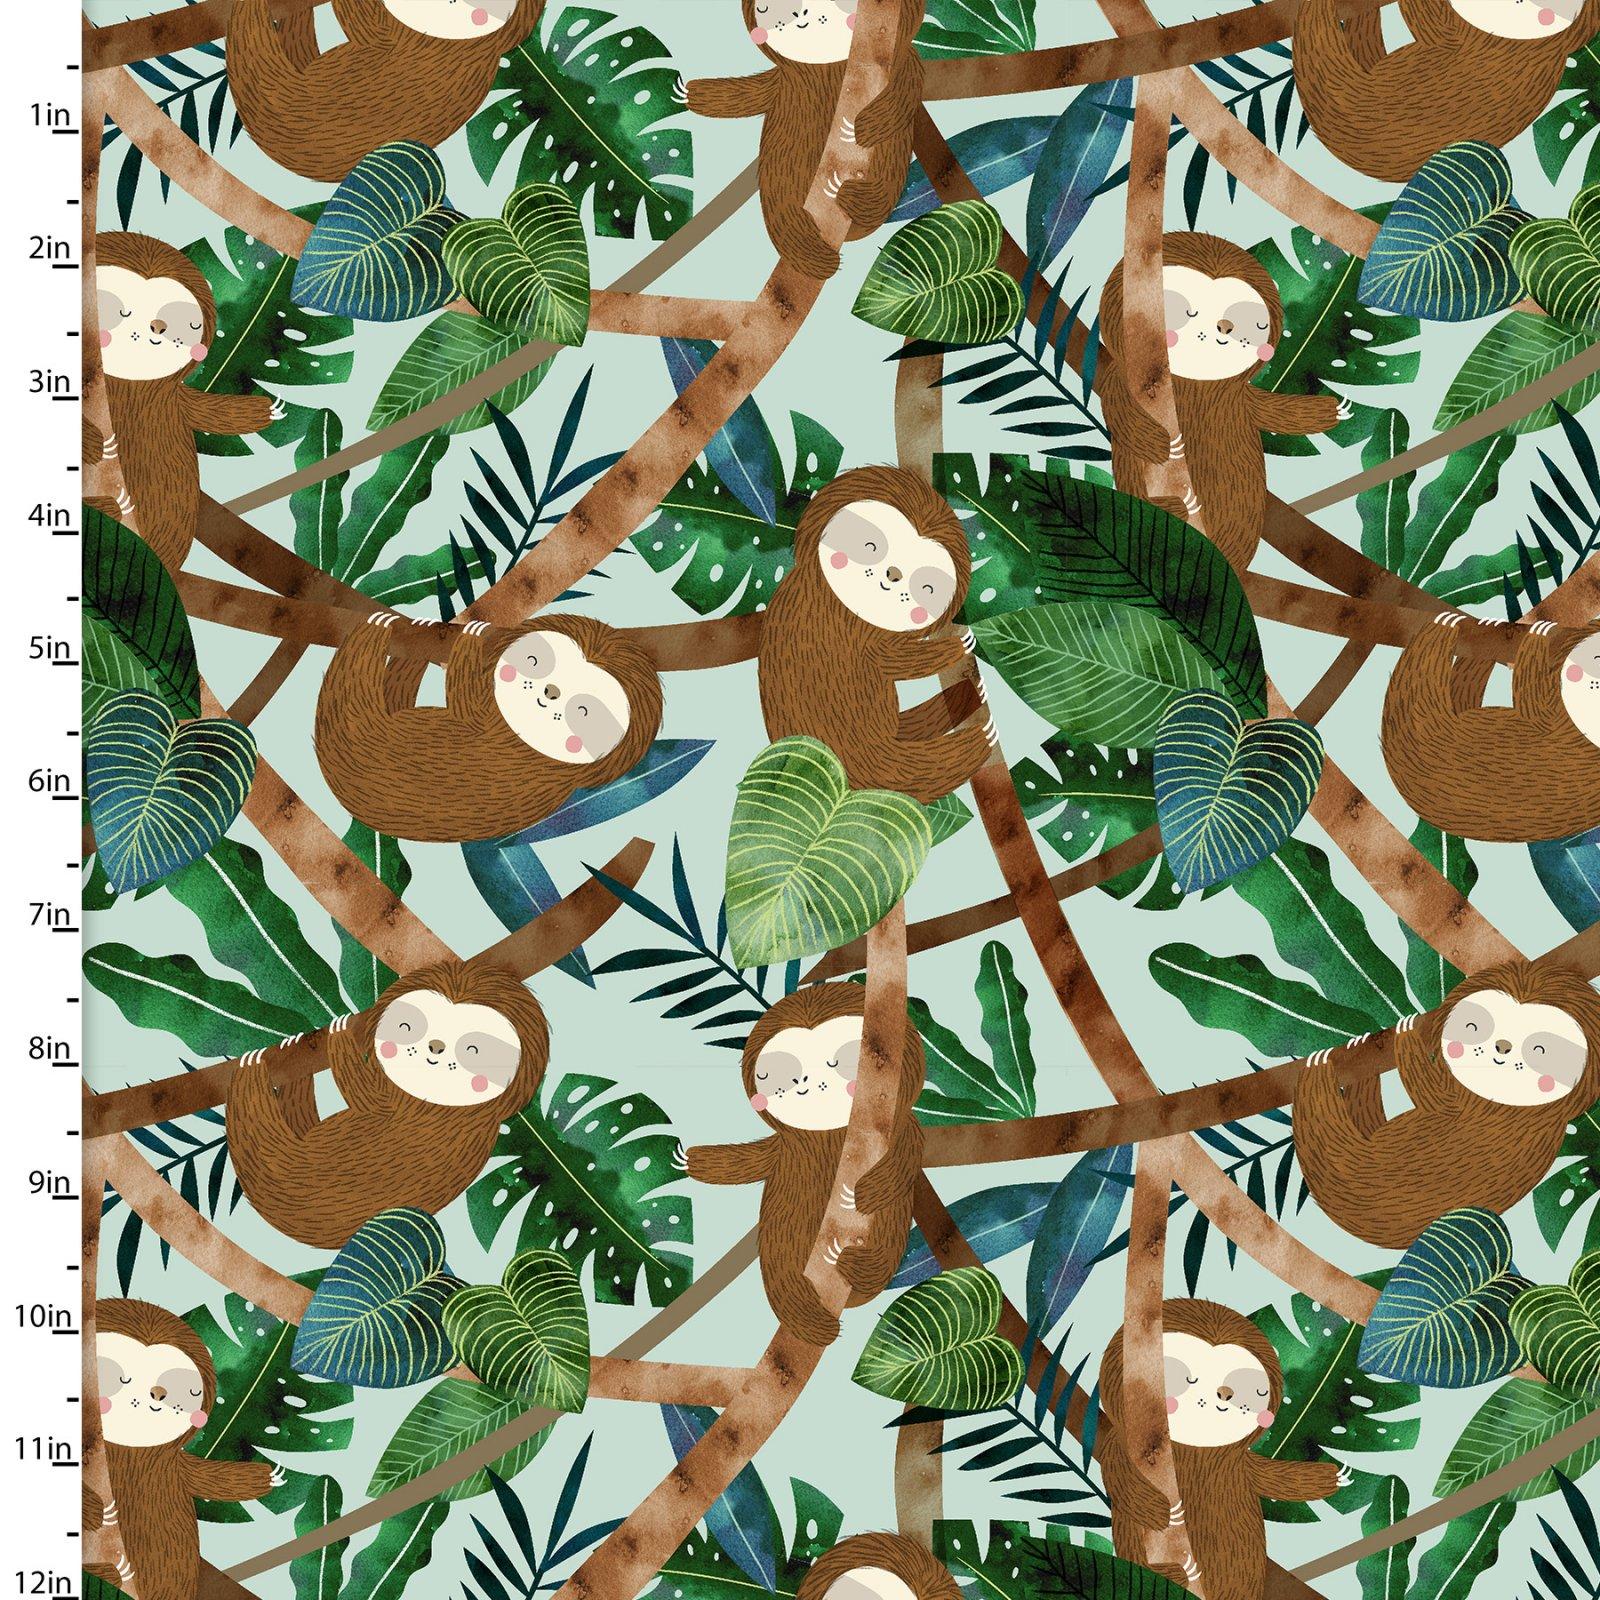 Restful Sloths Collection<br>13860-TEAL